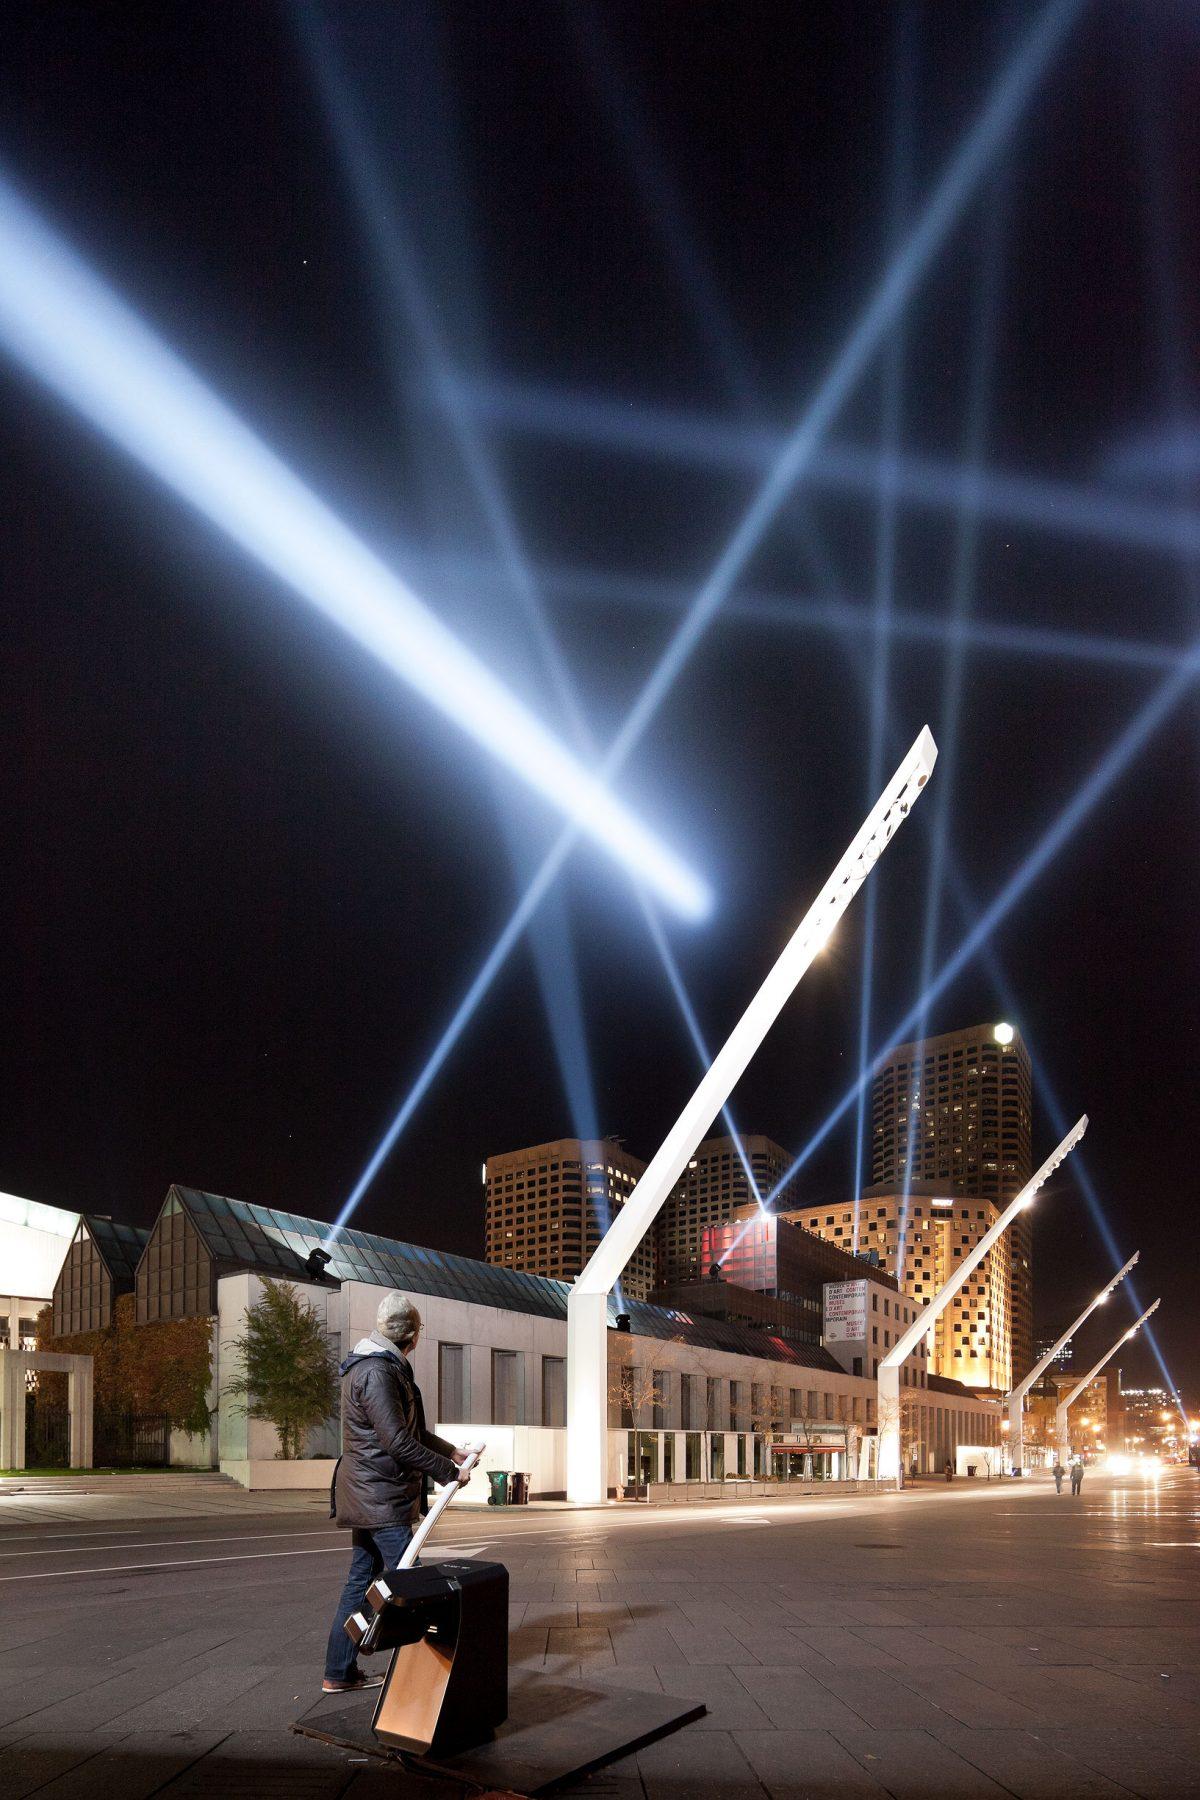 Intersection articulée. Architecture relationnelle 18, 2011, Rafael Lozano-Hemmer, Dispositif de lumière de surveillance, objets et matériaux divers.